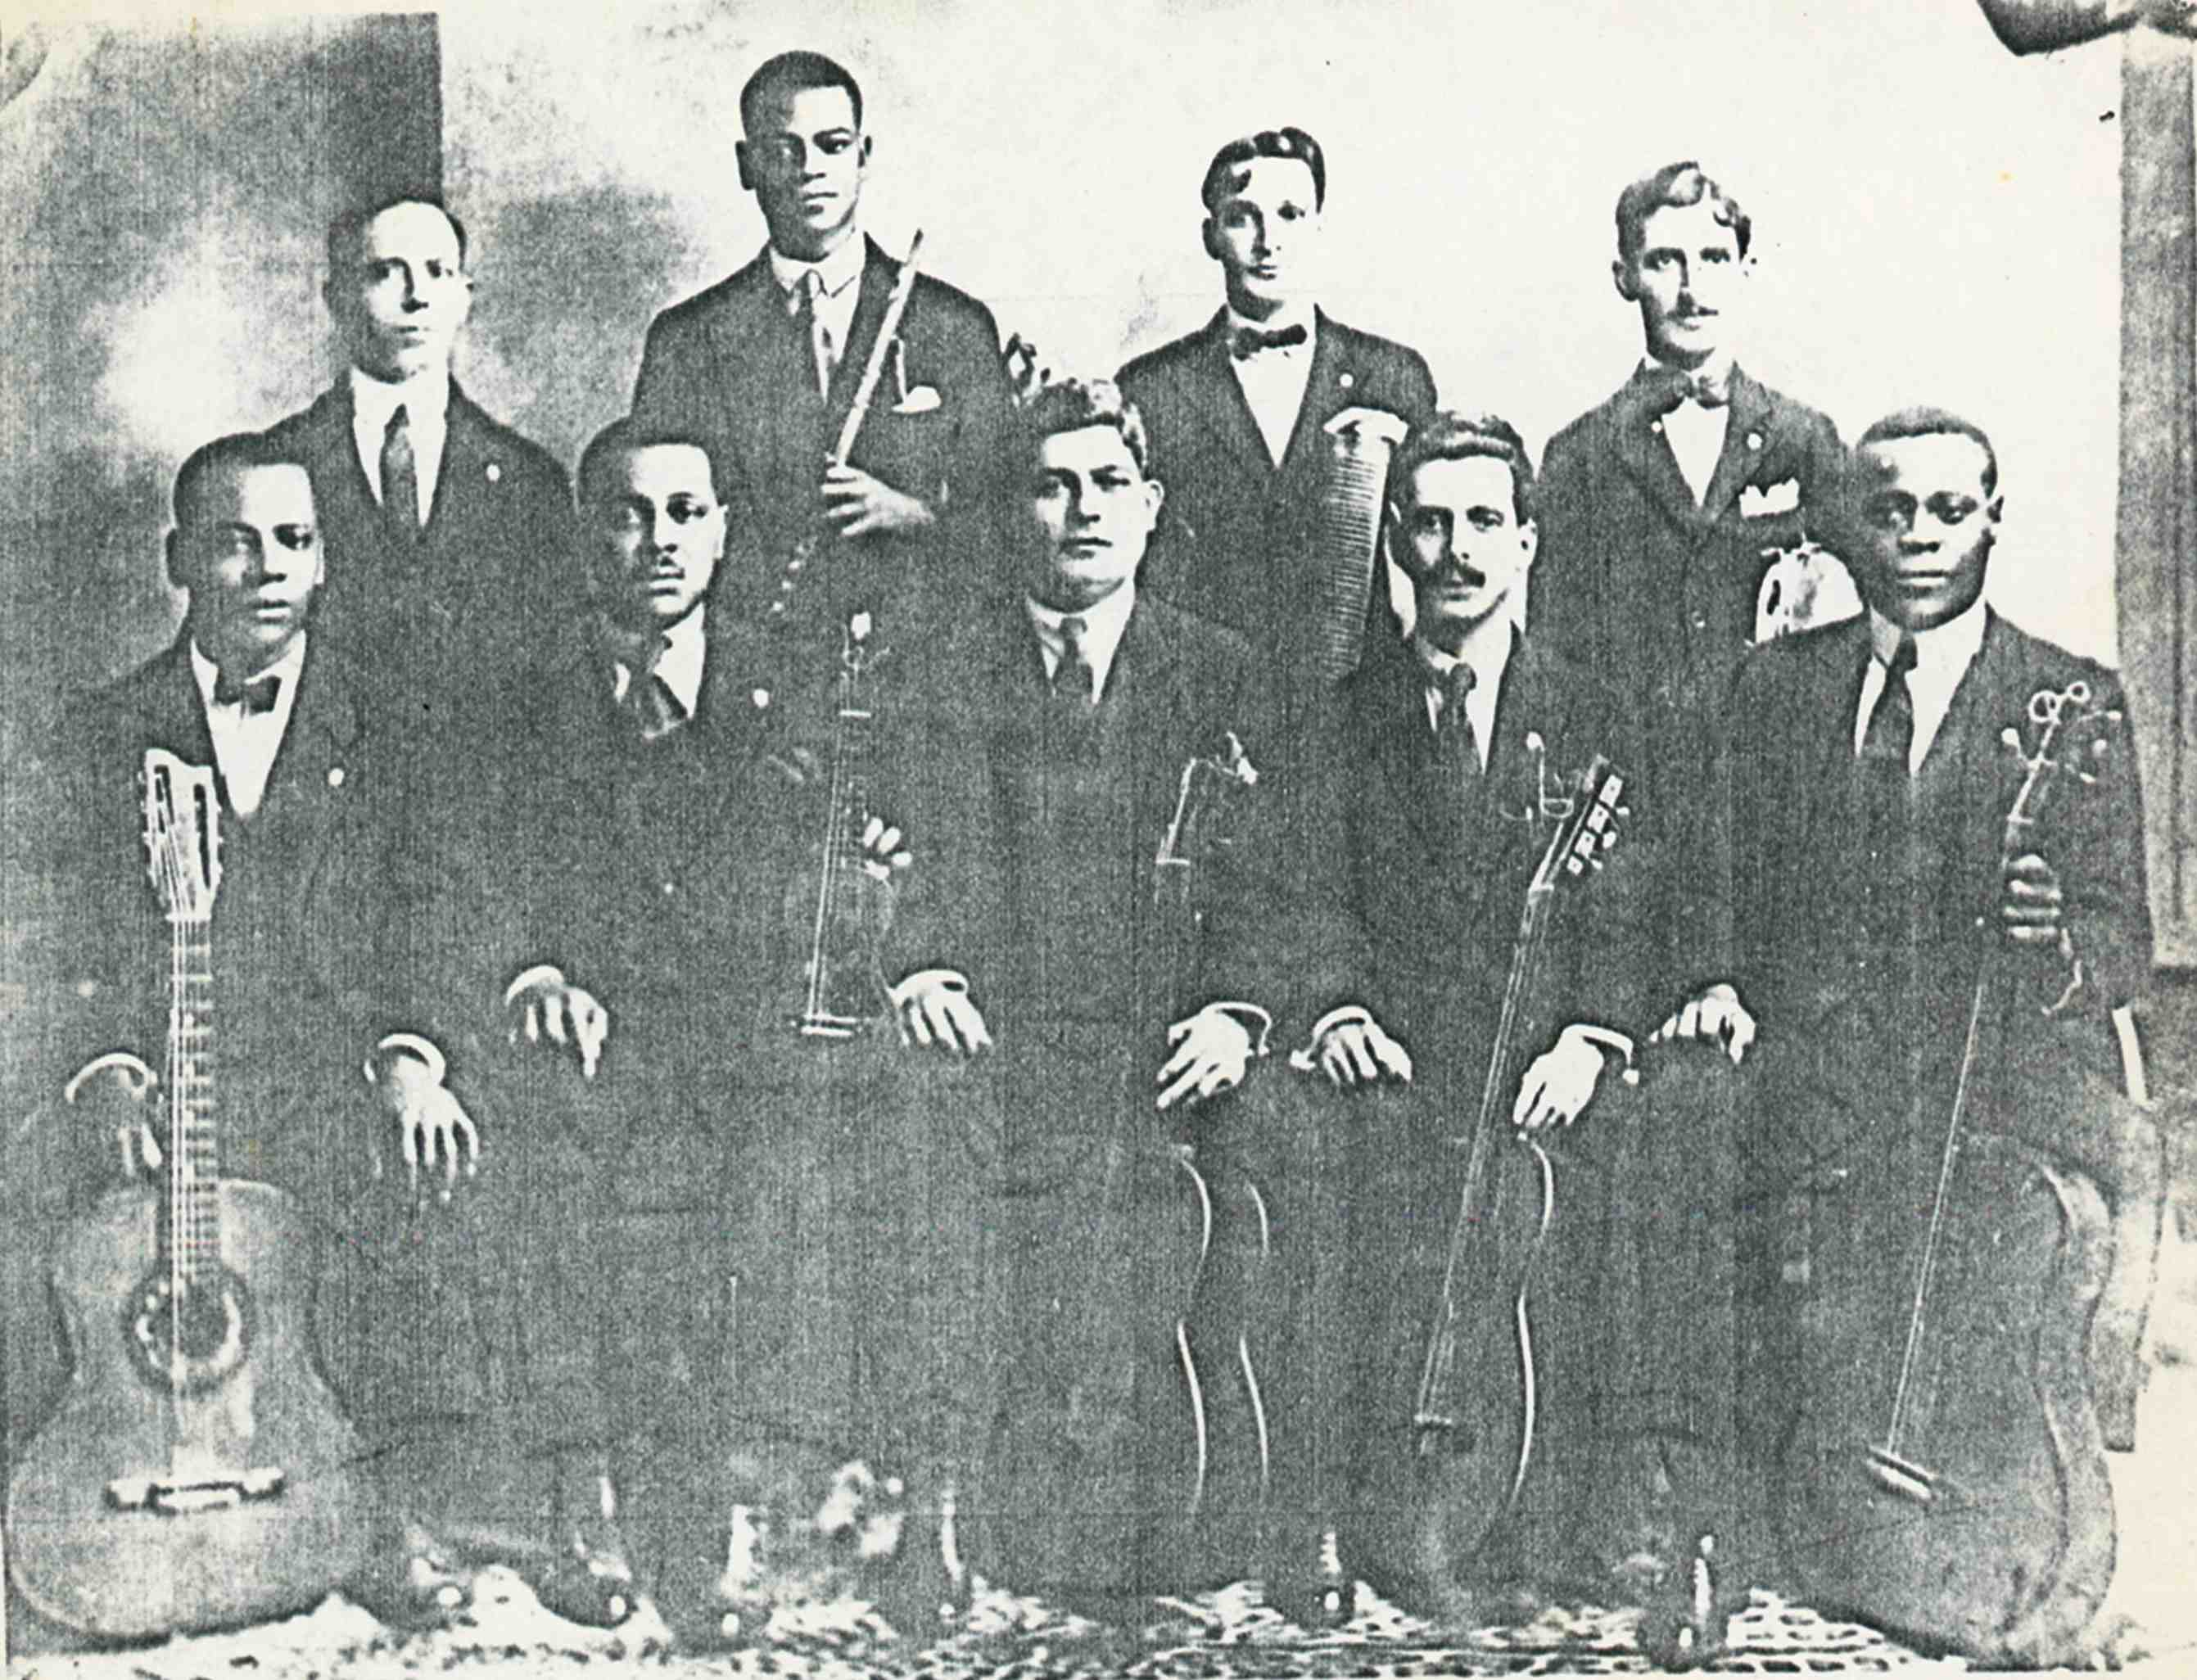 Os Oito Batutas. Em pé: José Alves, Pixinguinha (flauta), Luiz de Oliveira (reco-reco) e Jacob Palmieri (pandeiro). Sentados: China (violão), Nelson Alves (cavaquinho), João Pernambuco (violão), Raul Palmieri (violão) e Donga (violão). 1920 (IMS_JRT_pixinguinha86 / Acervo Tinhorão / IMS)